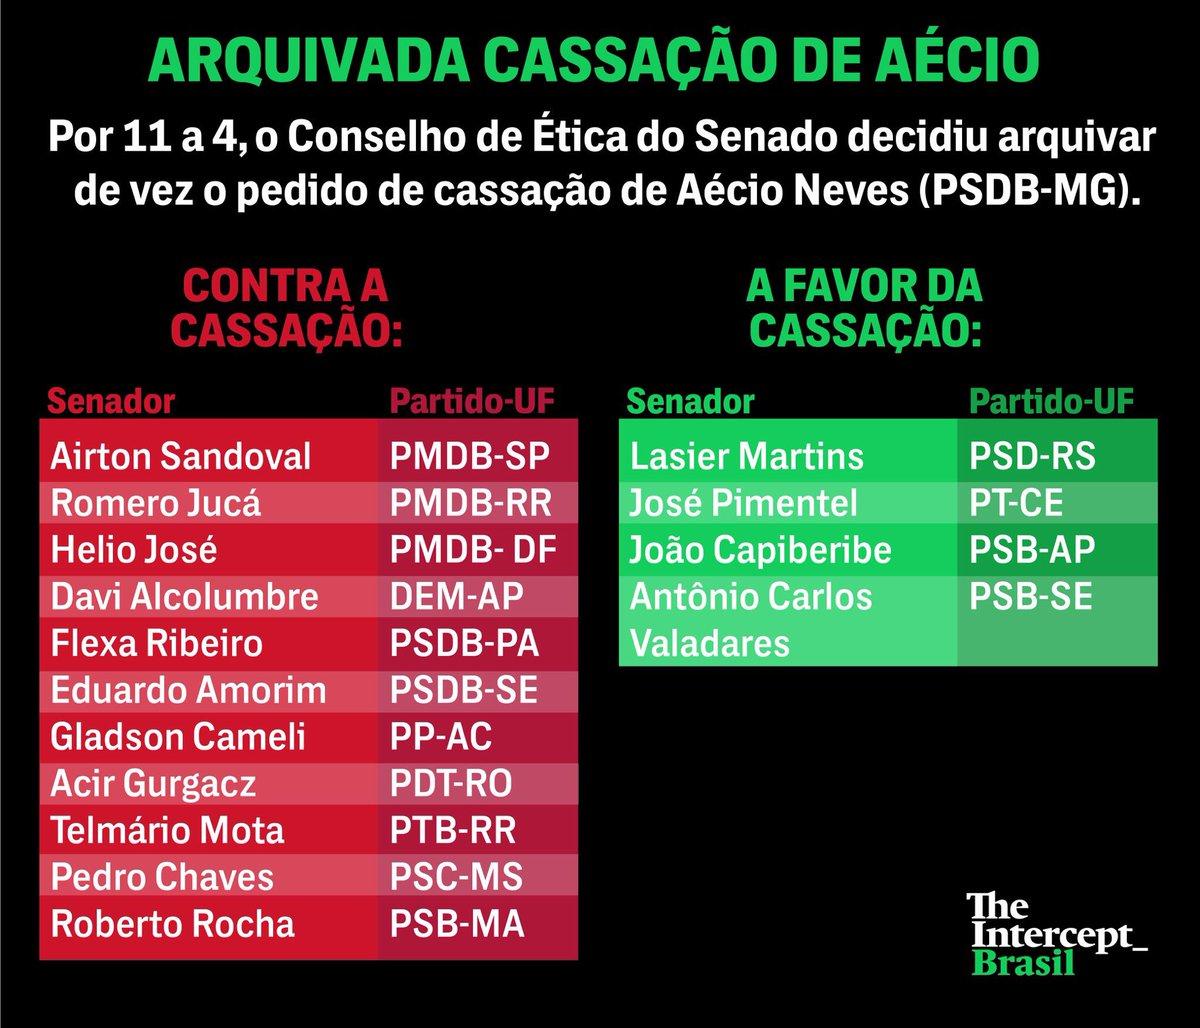 O Conselho de Ética do Senado arquivou o pedido de cassação do mandato do senador Aécio Neves (PSDB-MG). Veja como votou cada integrante: